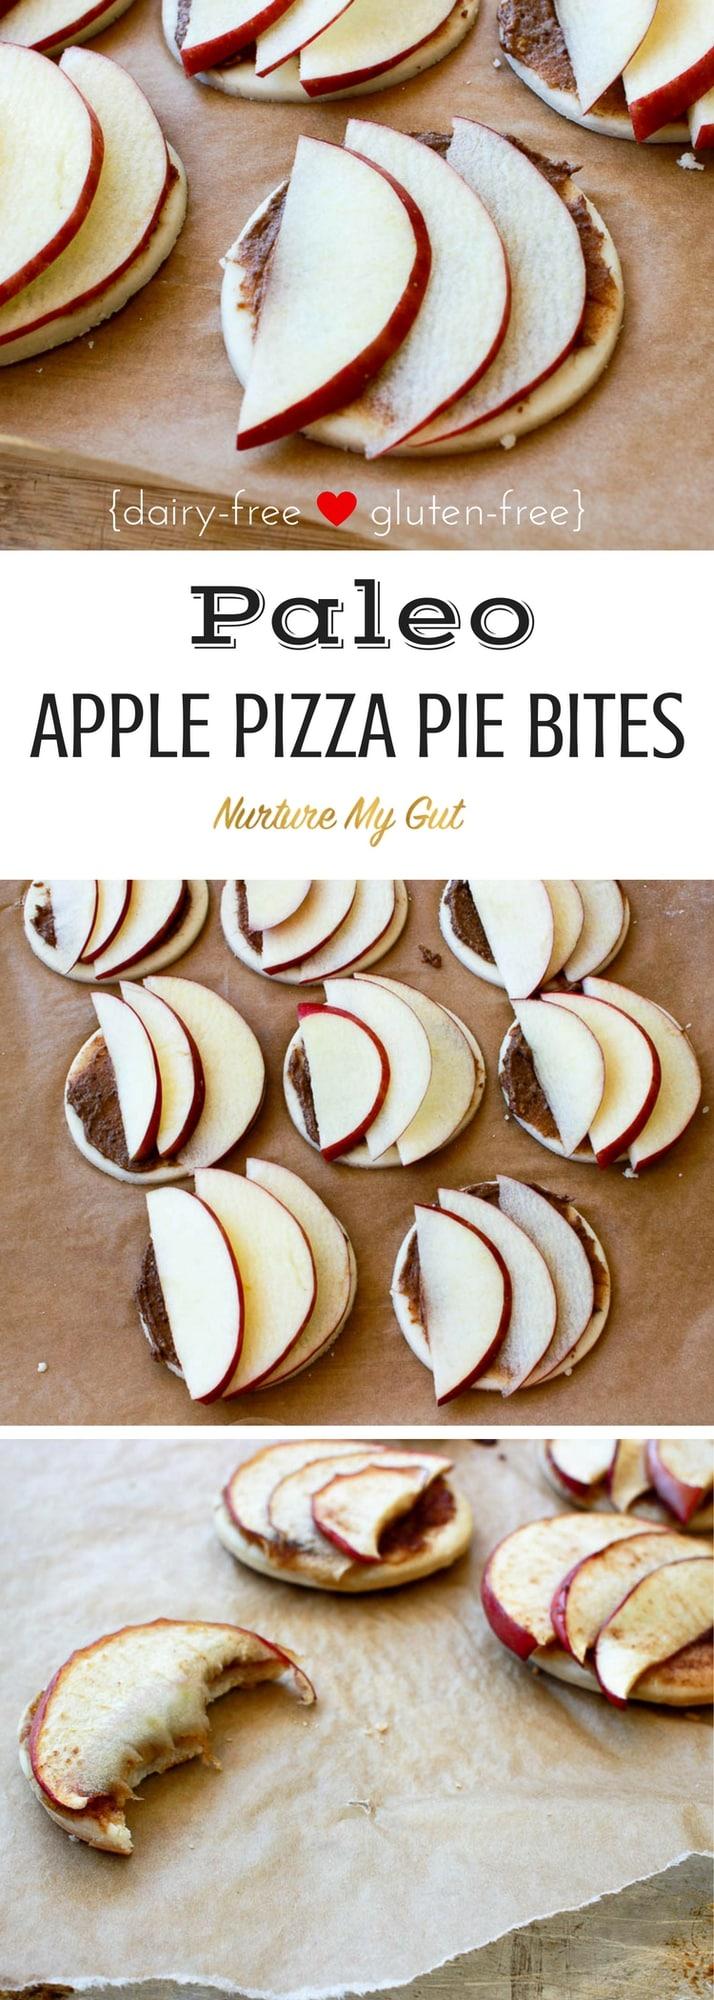 paleo-apple-pizza-pie-bites